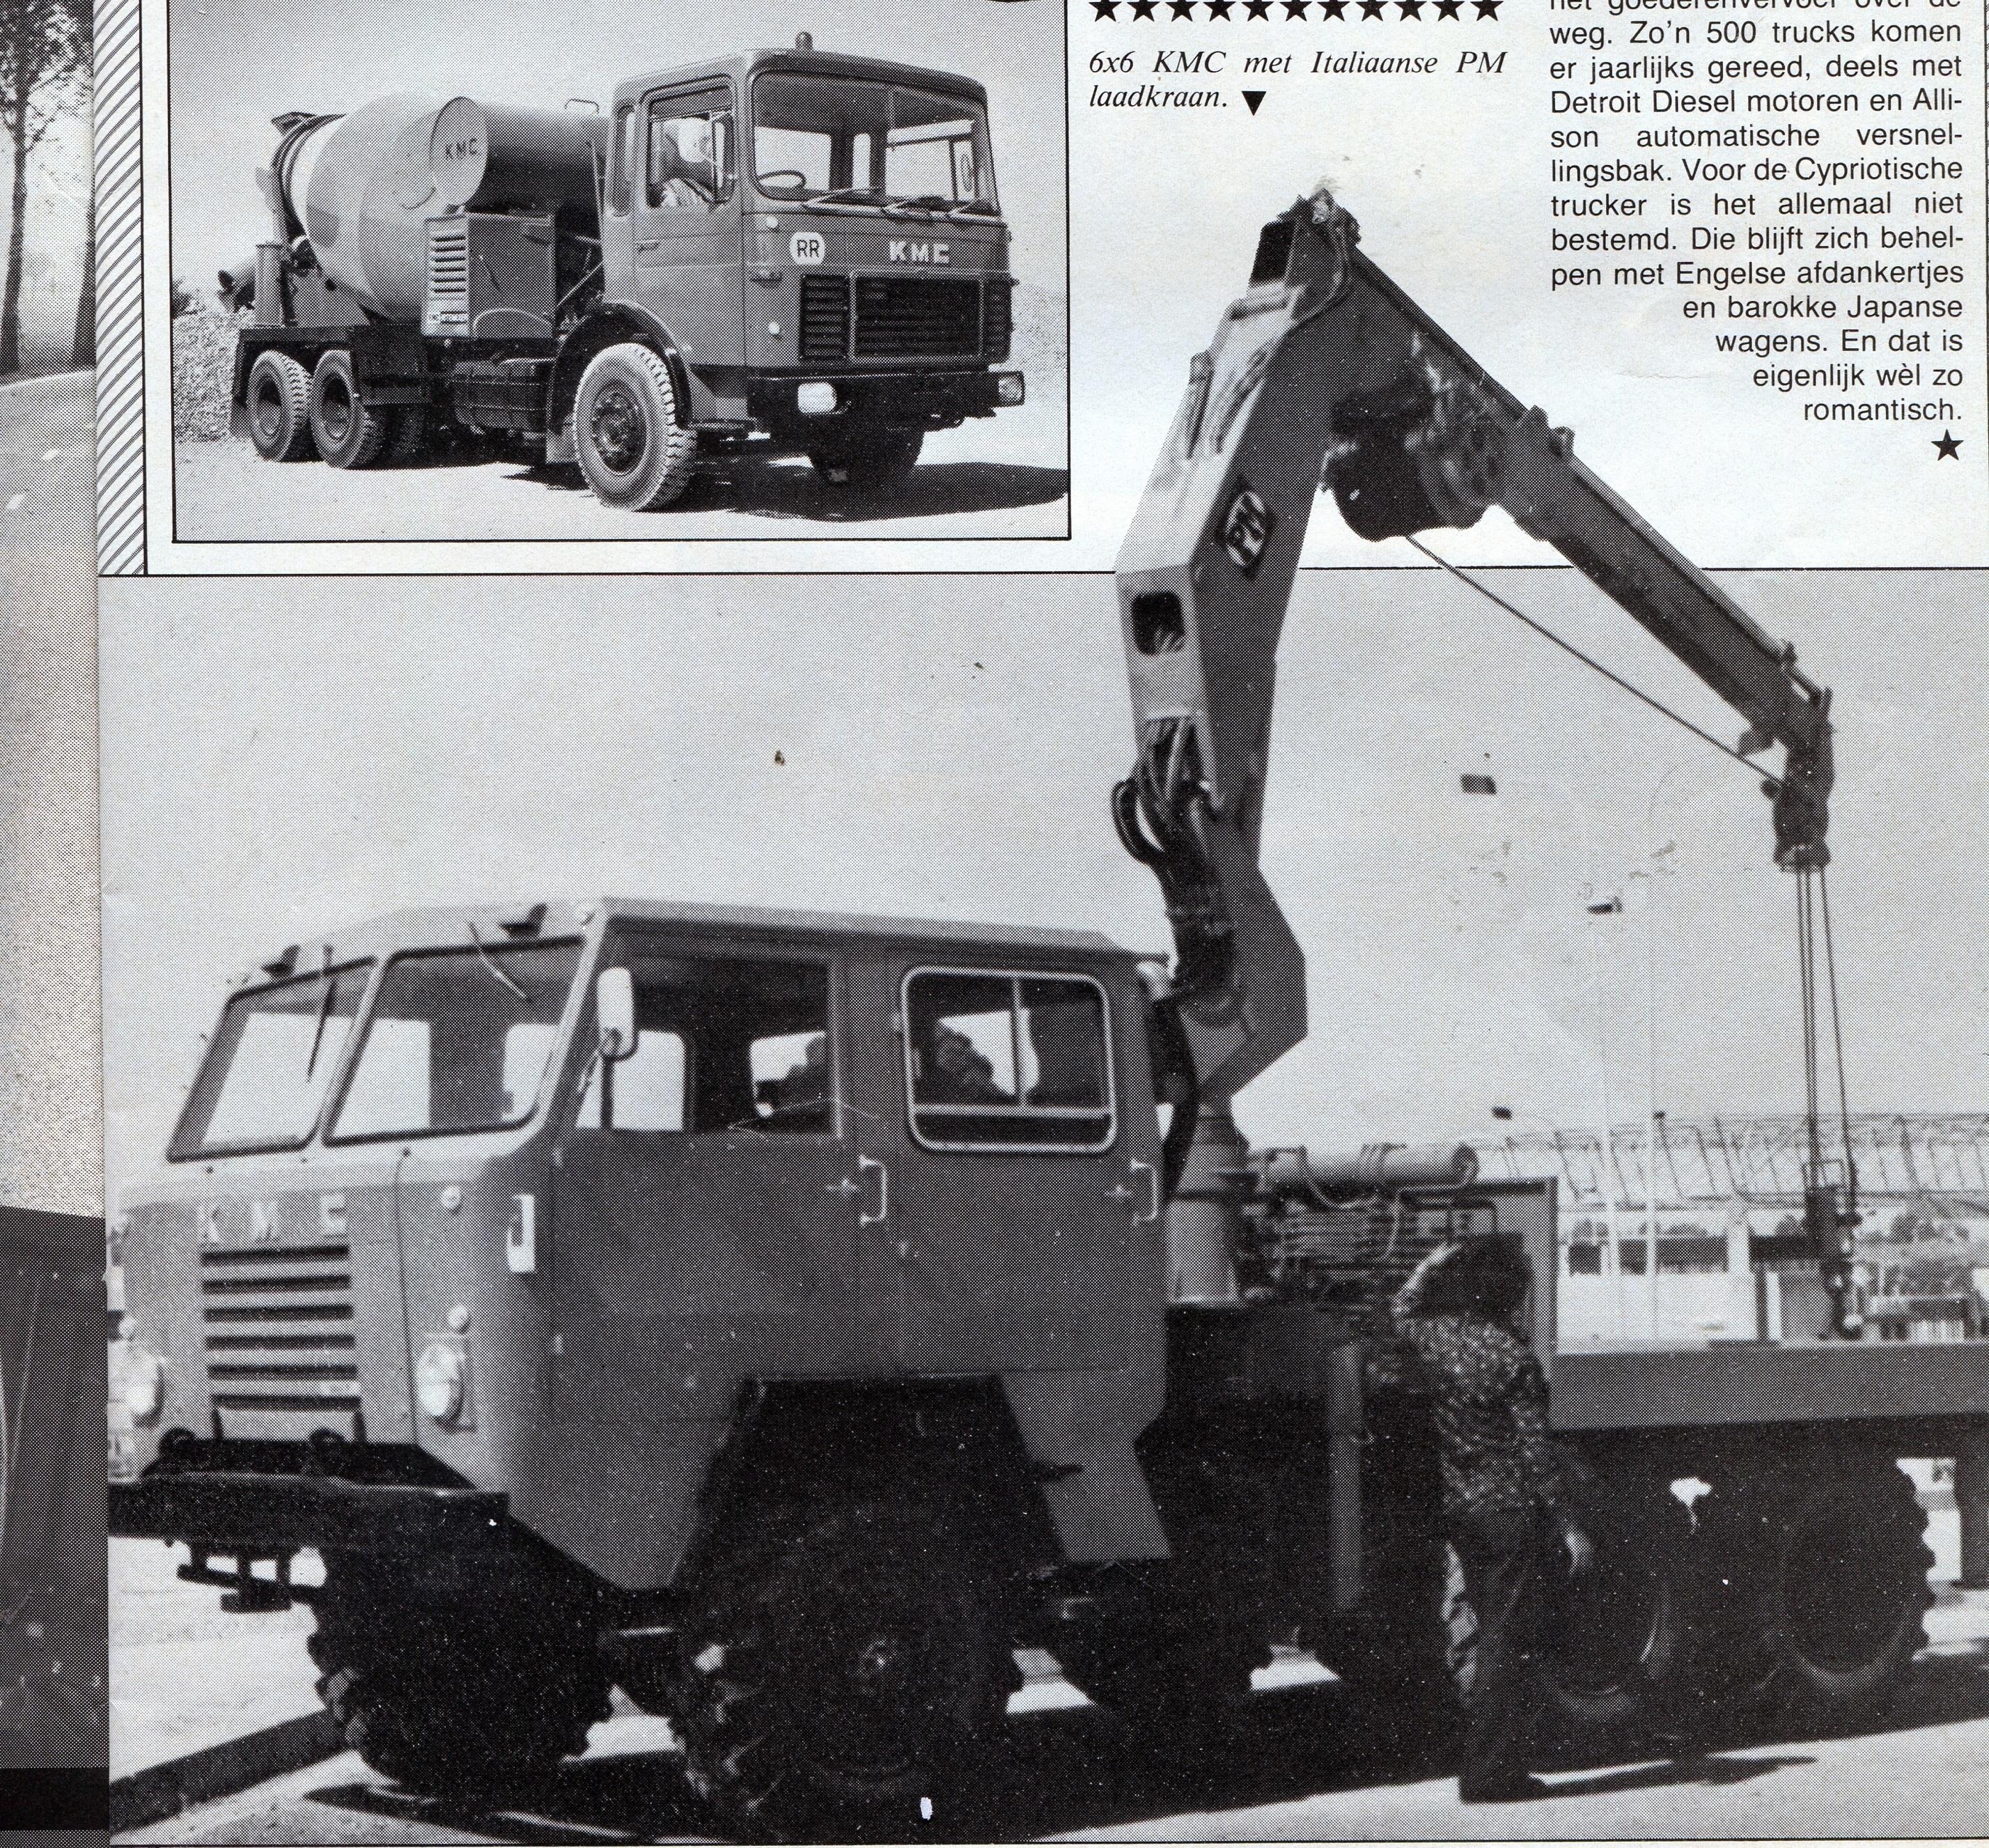 cyprus--kaisis-motor-co-kmc